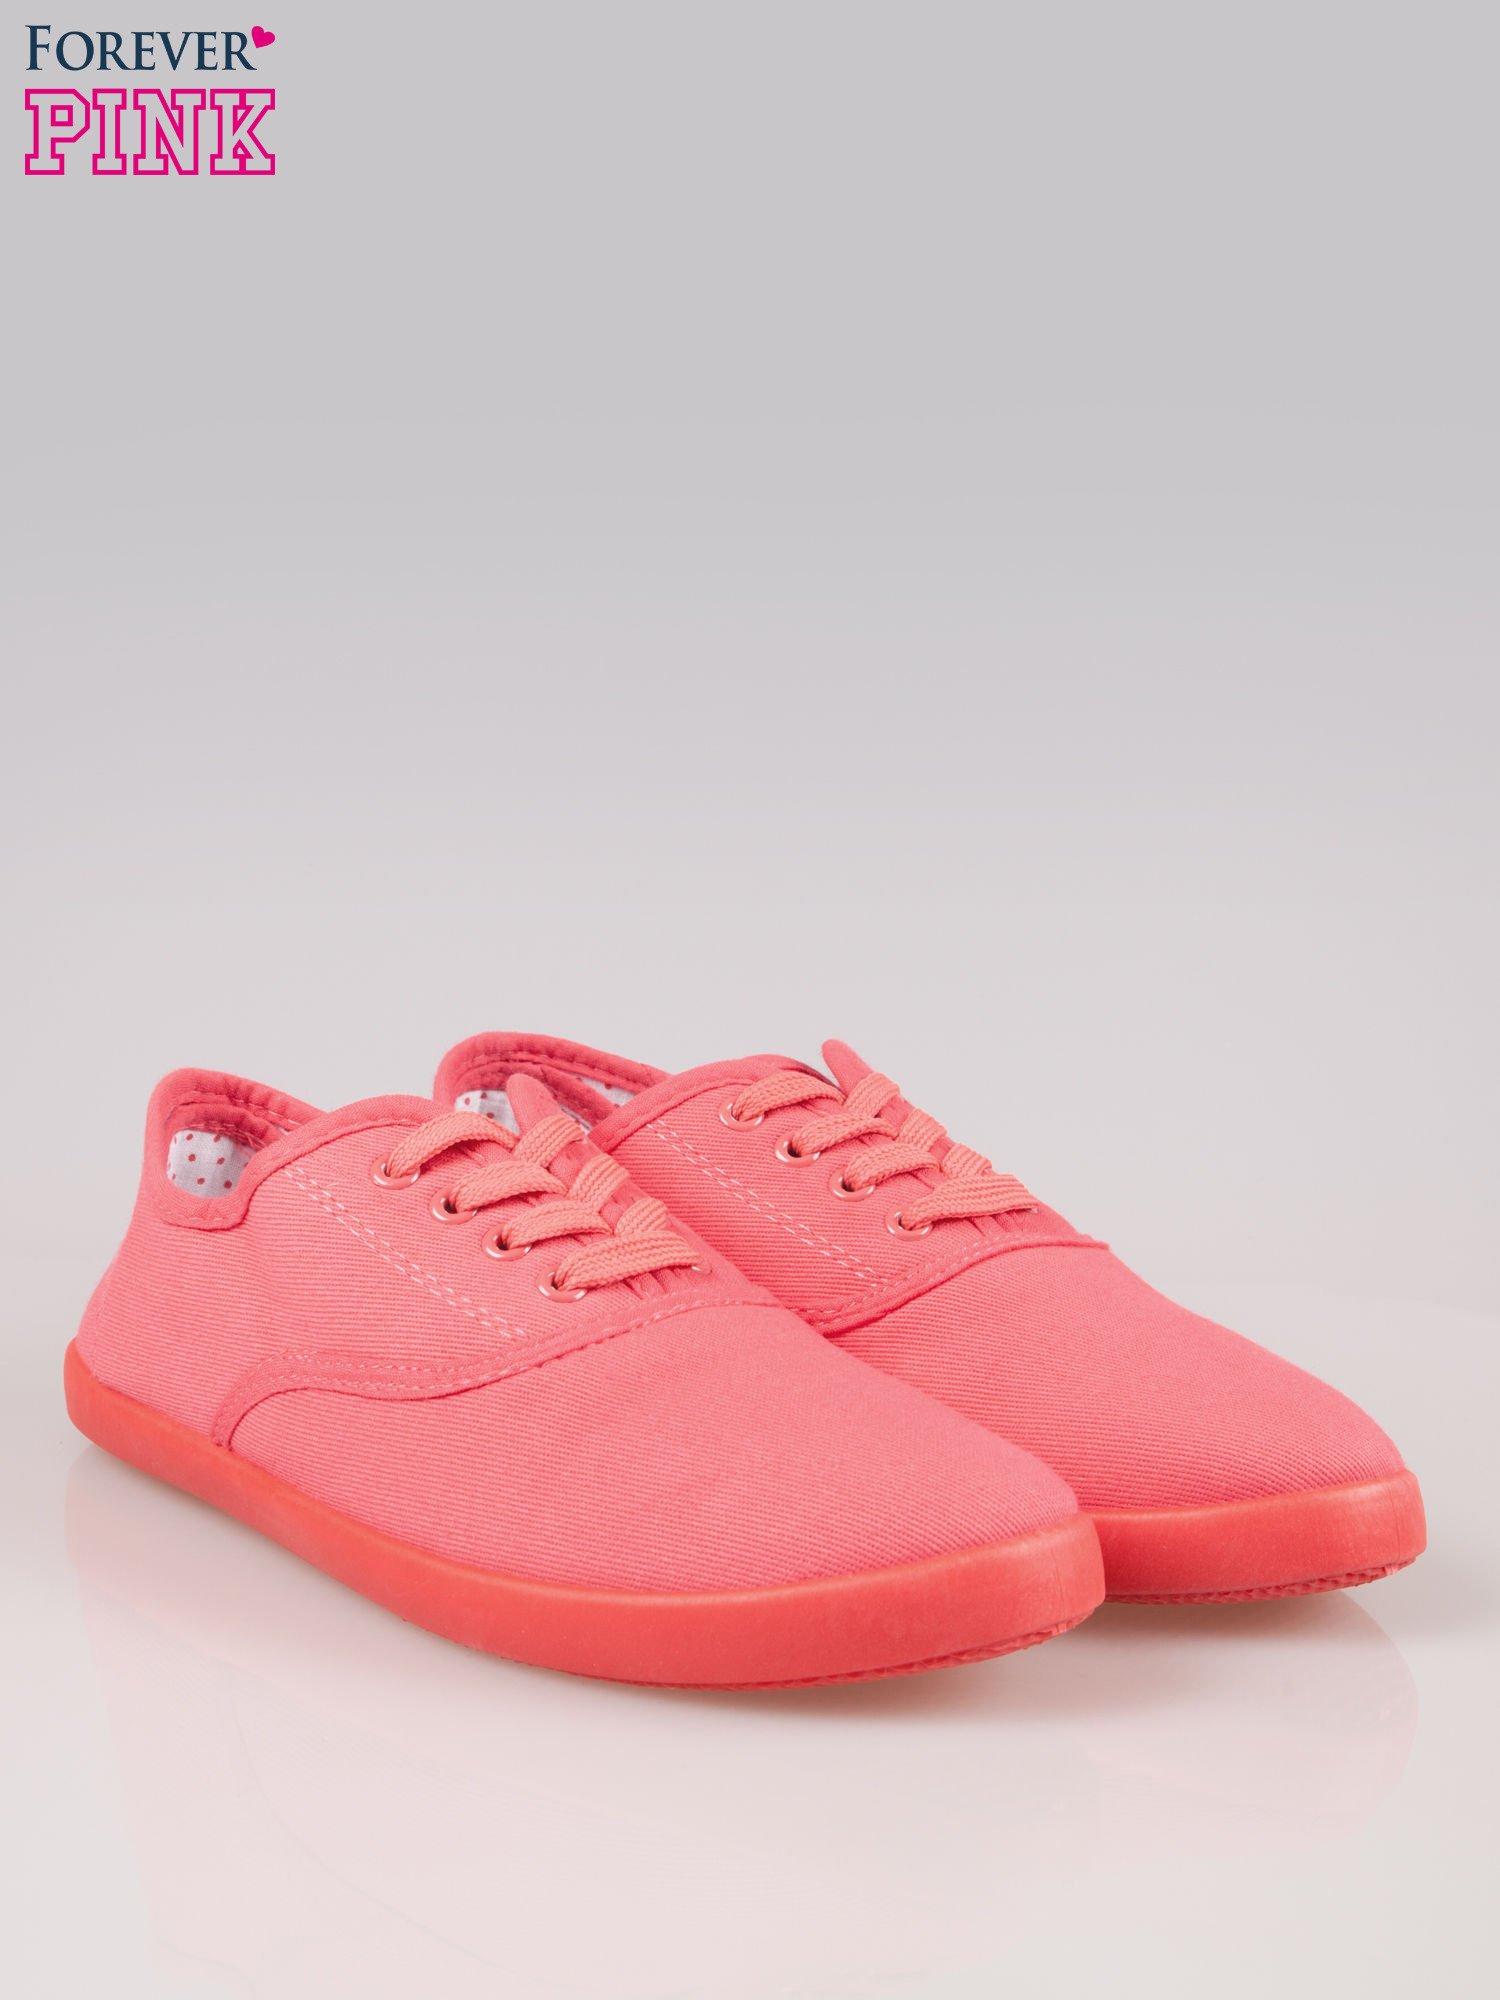 Czerwone klasyczne tenisówki damskie                                  zdj.                                  2